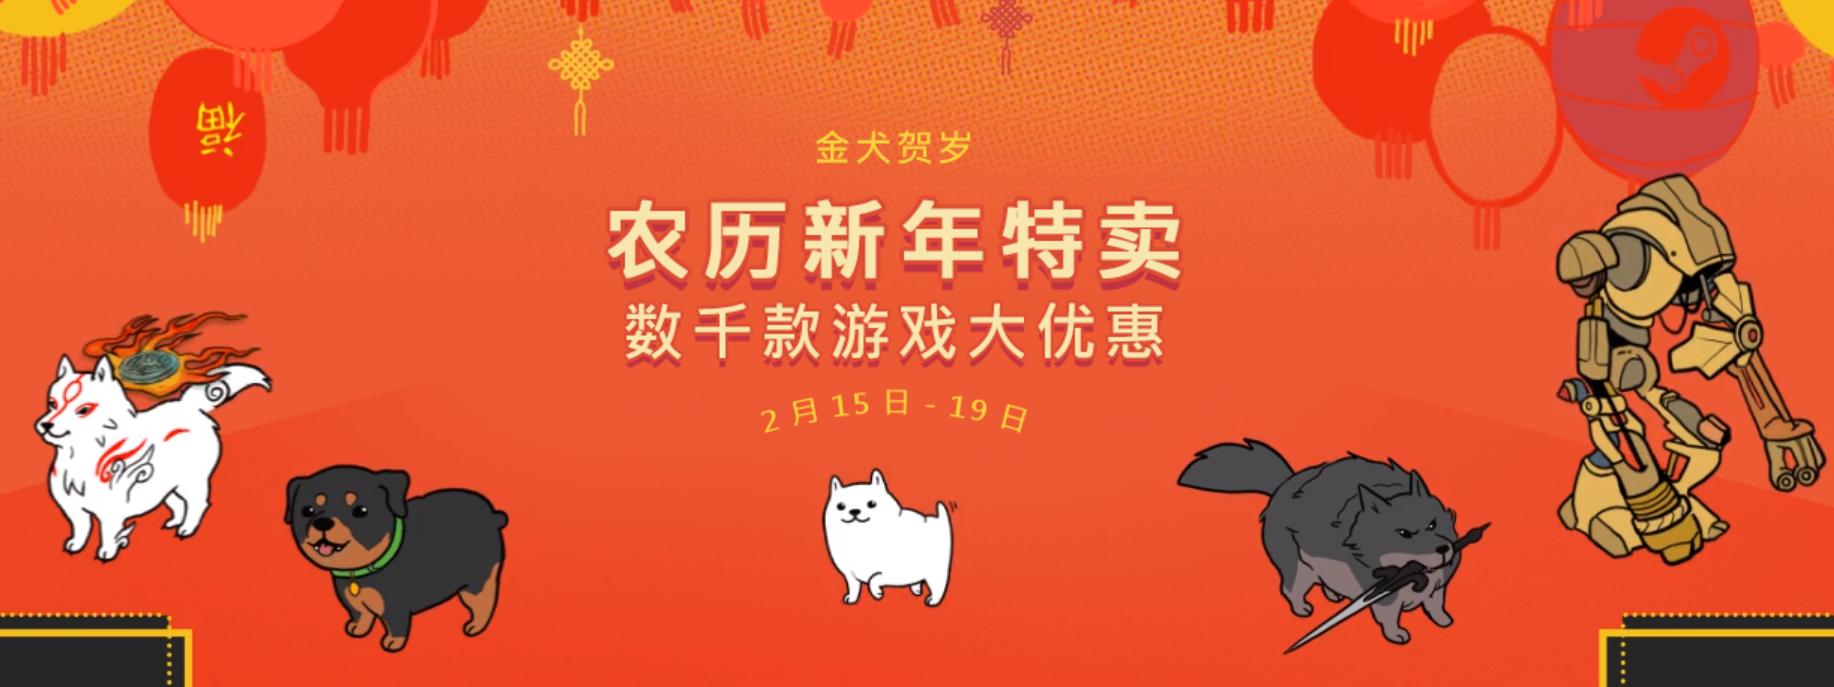 Steam为农历新年推出数千游戏促销专题 GTA5折巫师4折